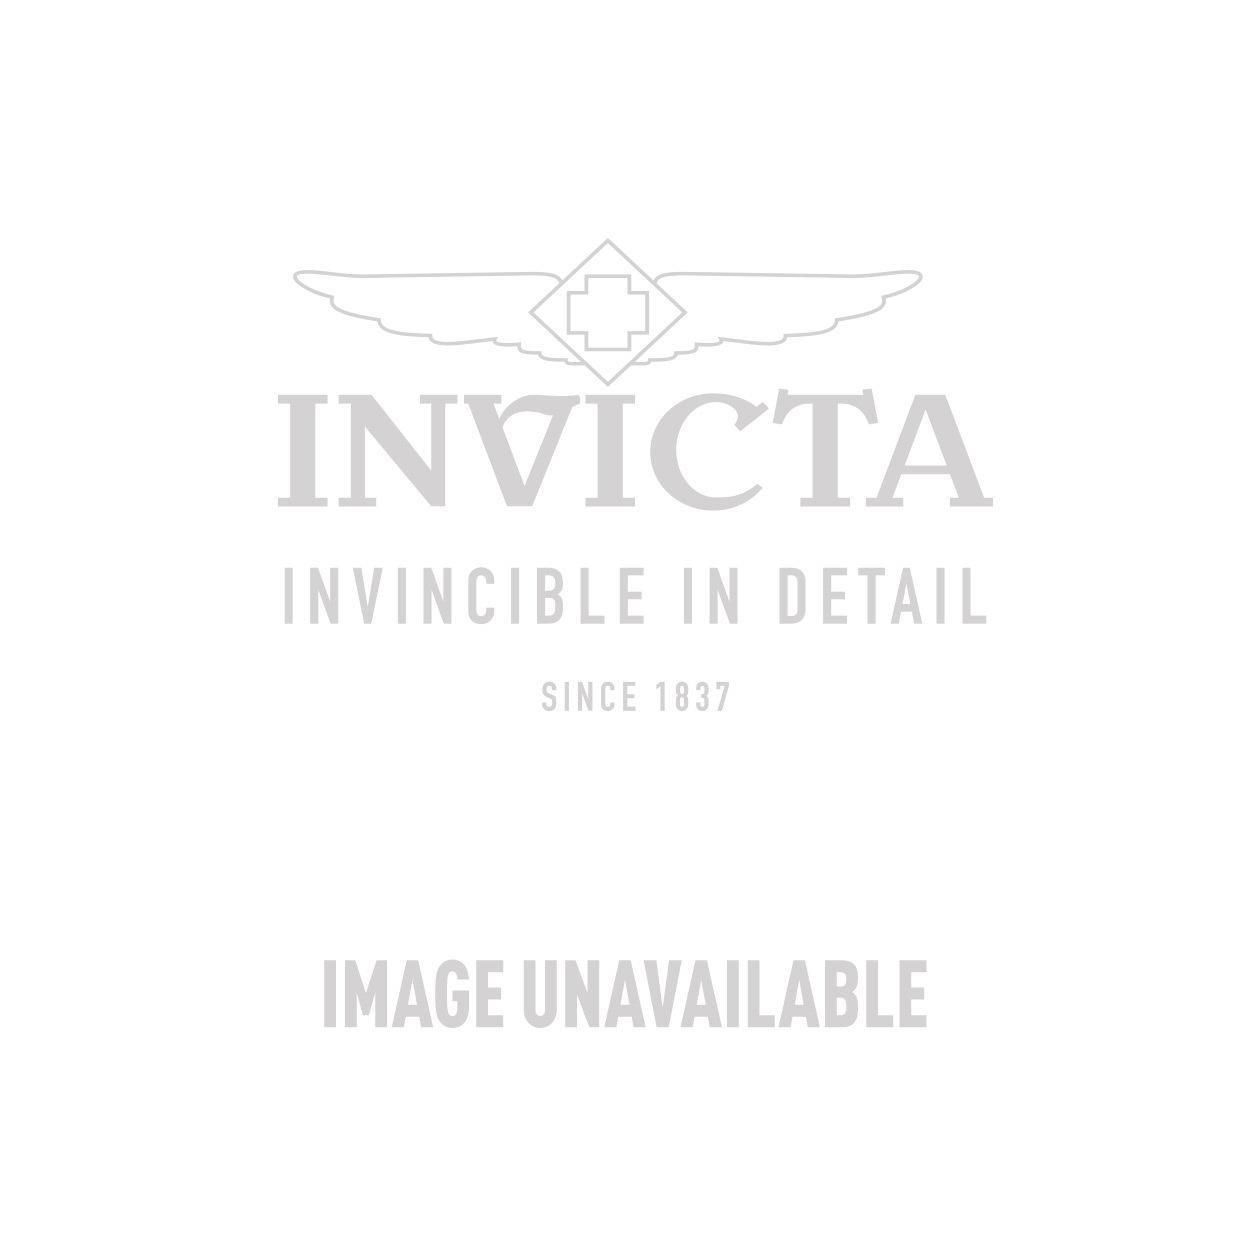 Invicta Model 24028